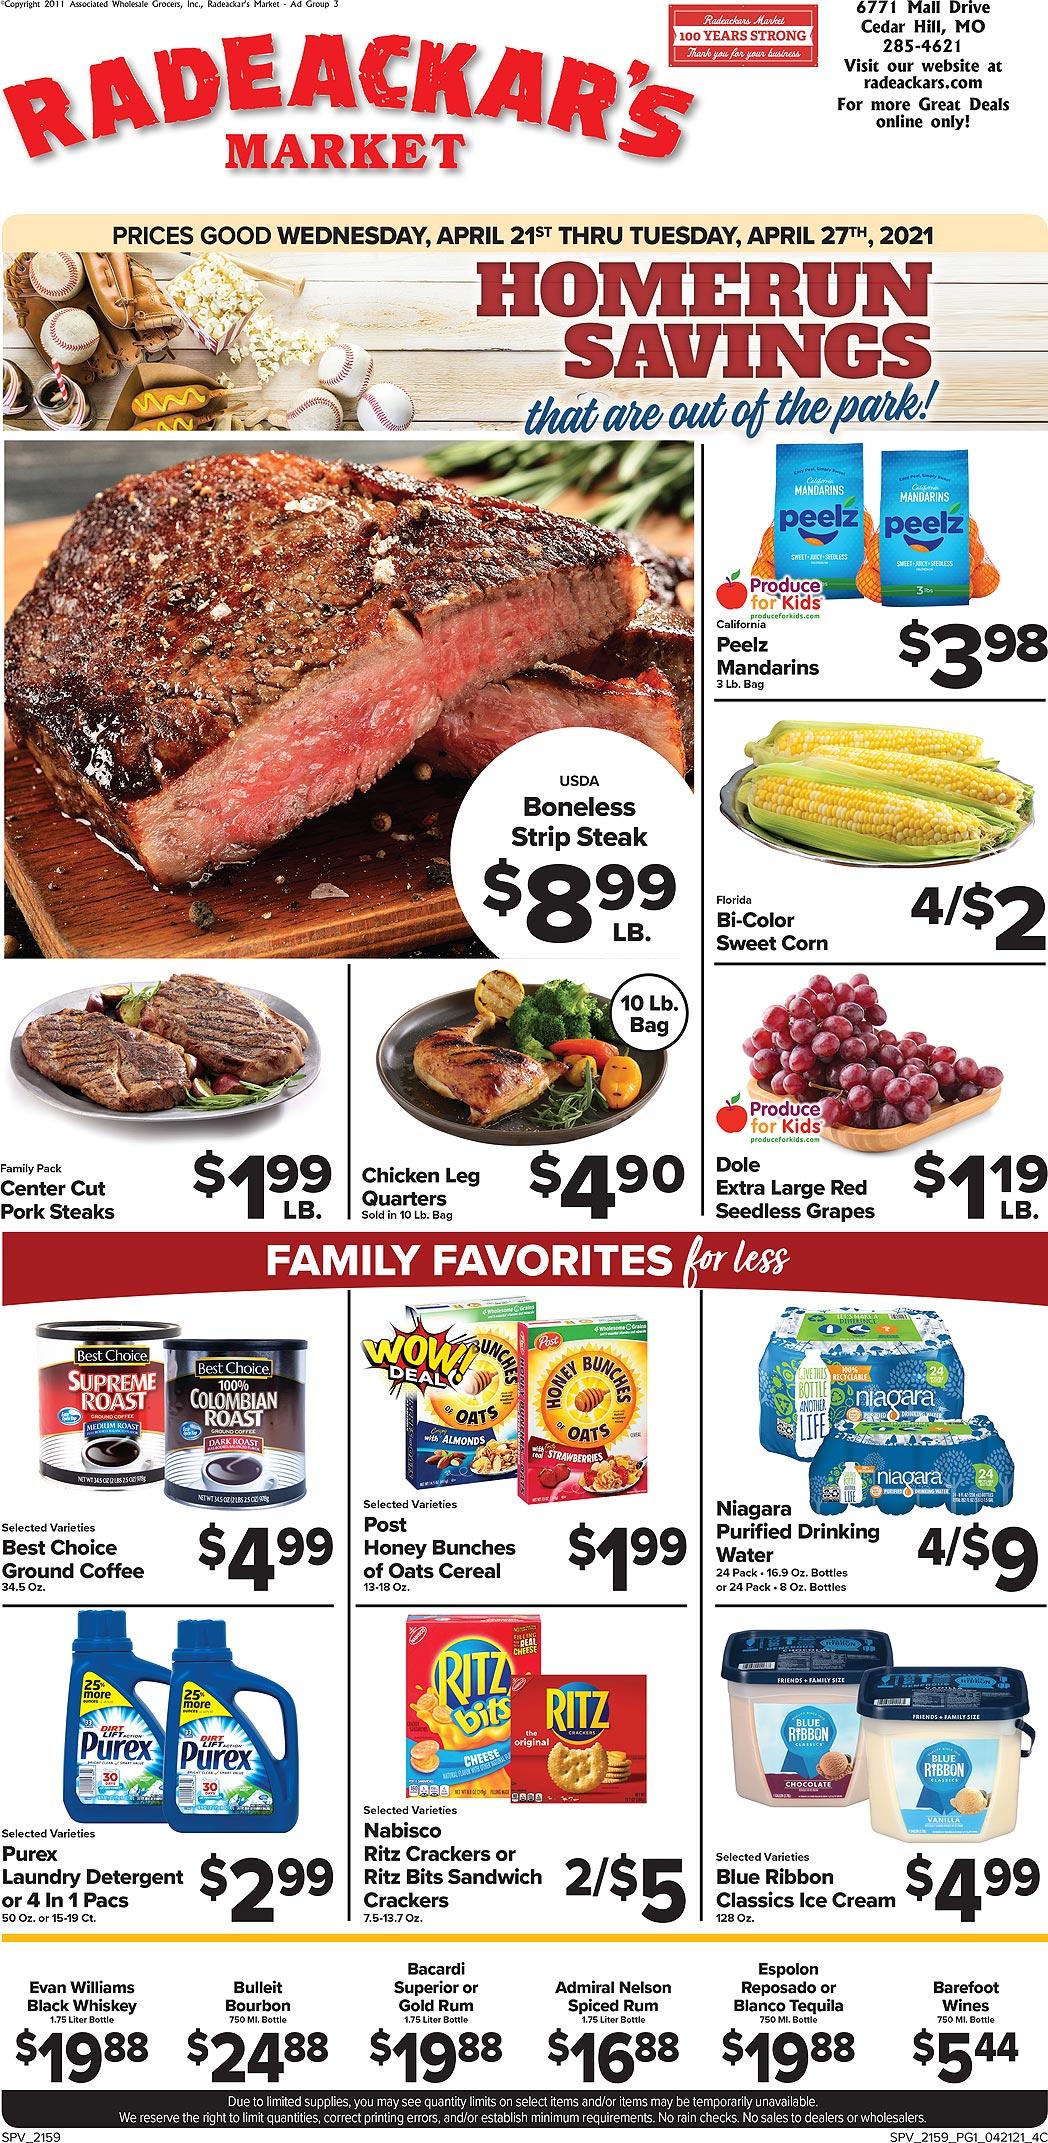 Radeackars Market weekly ad